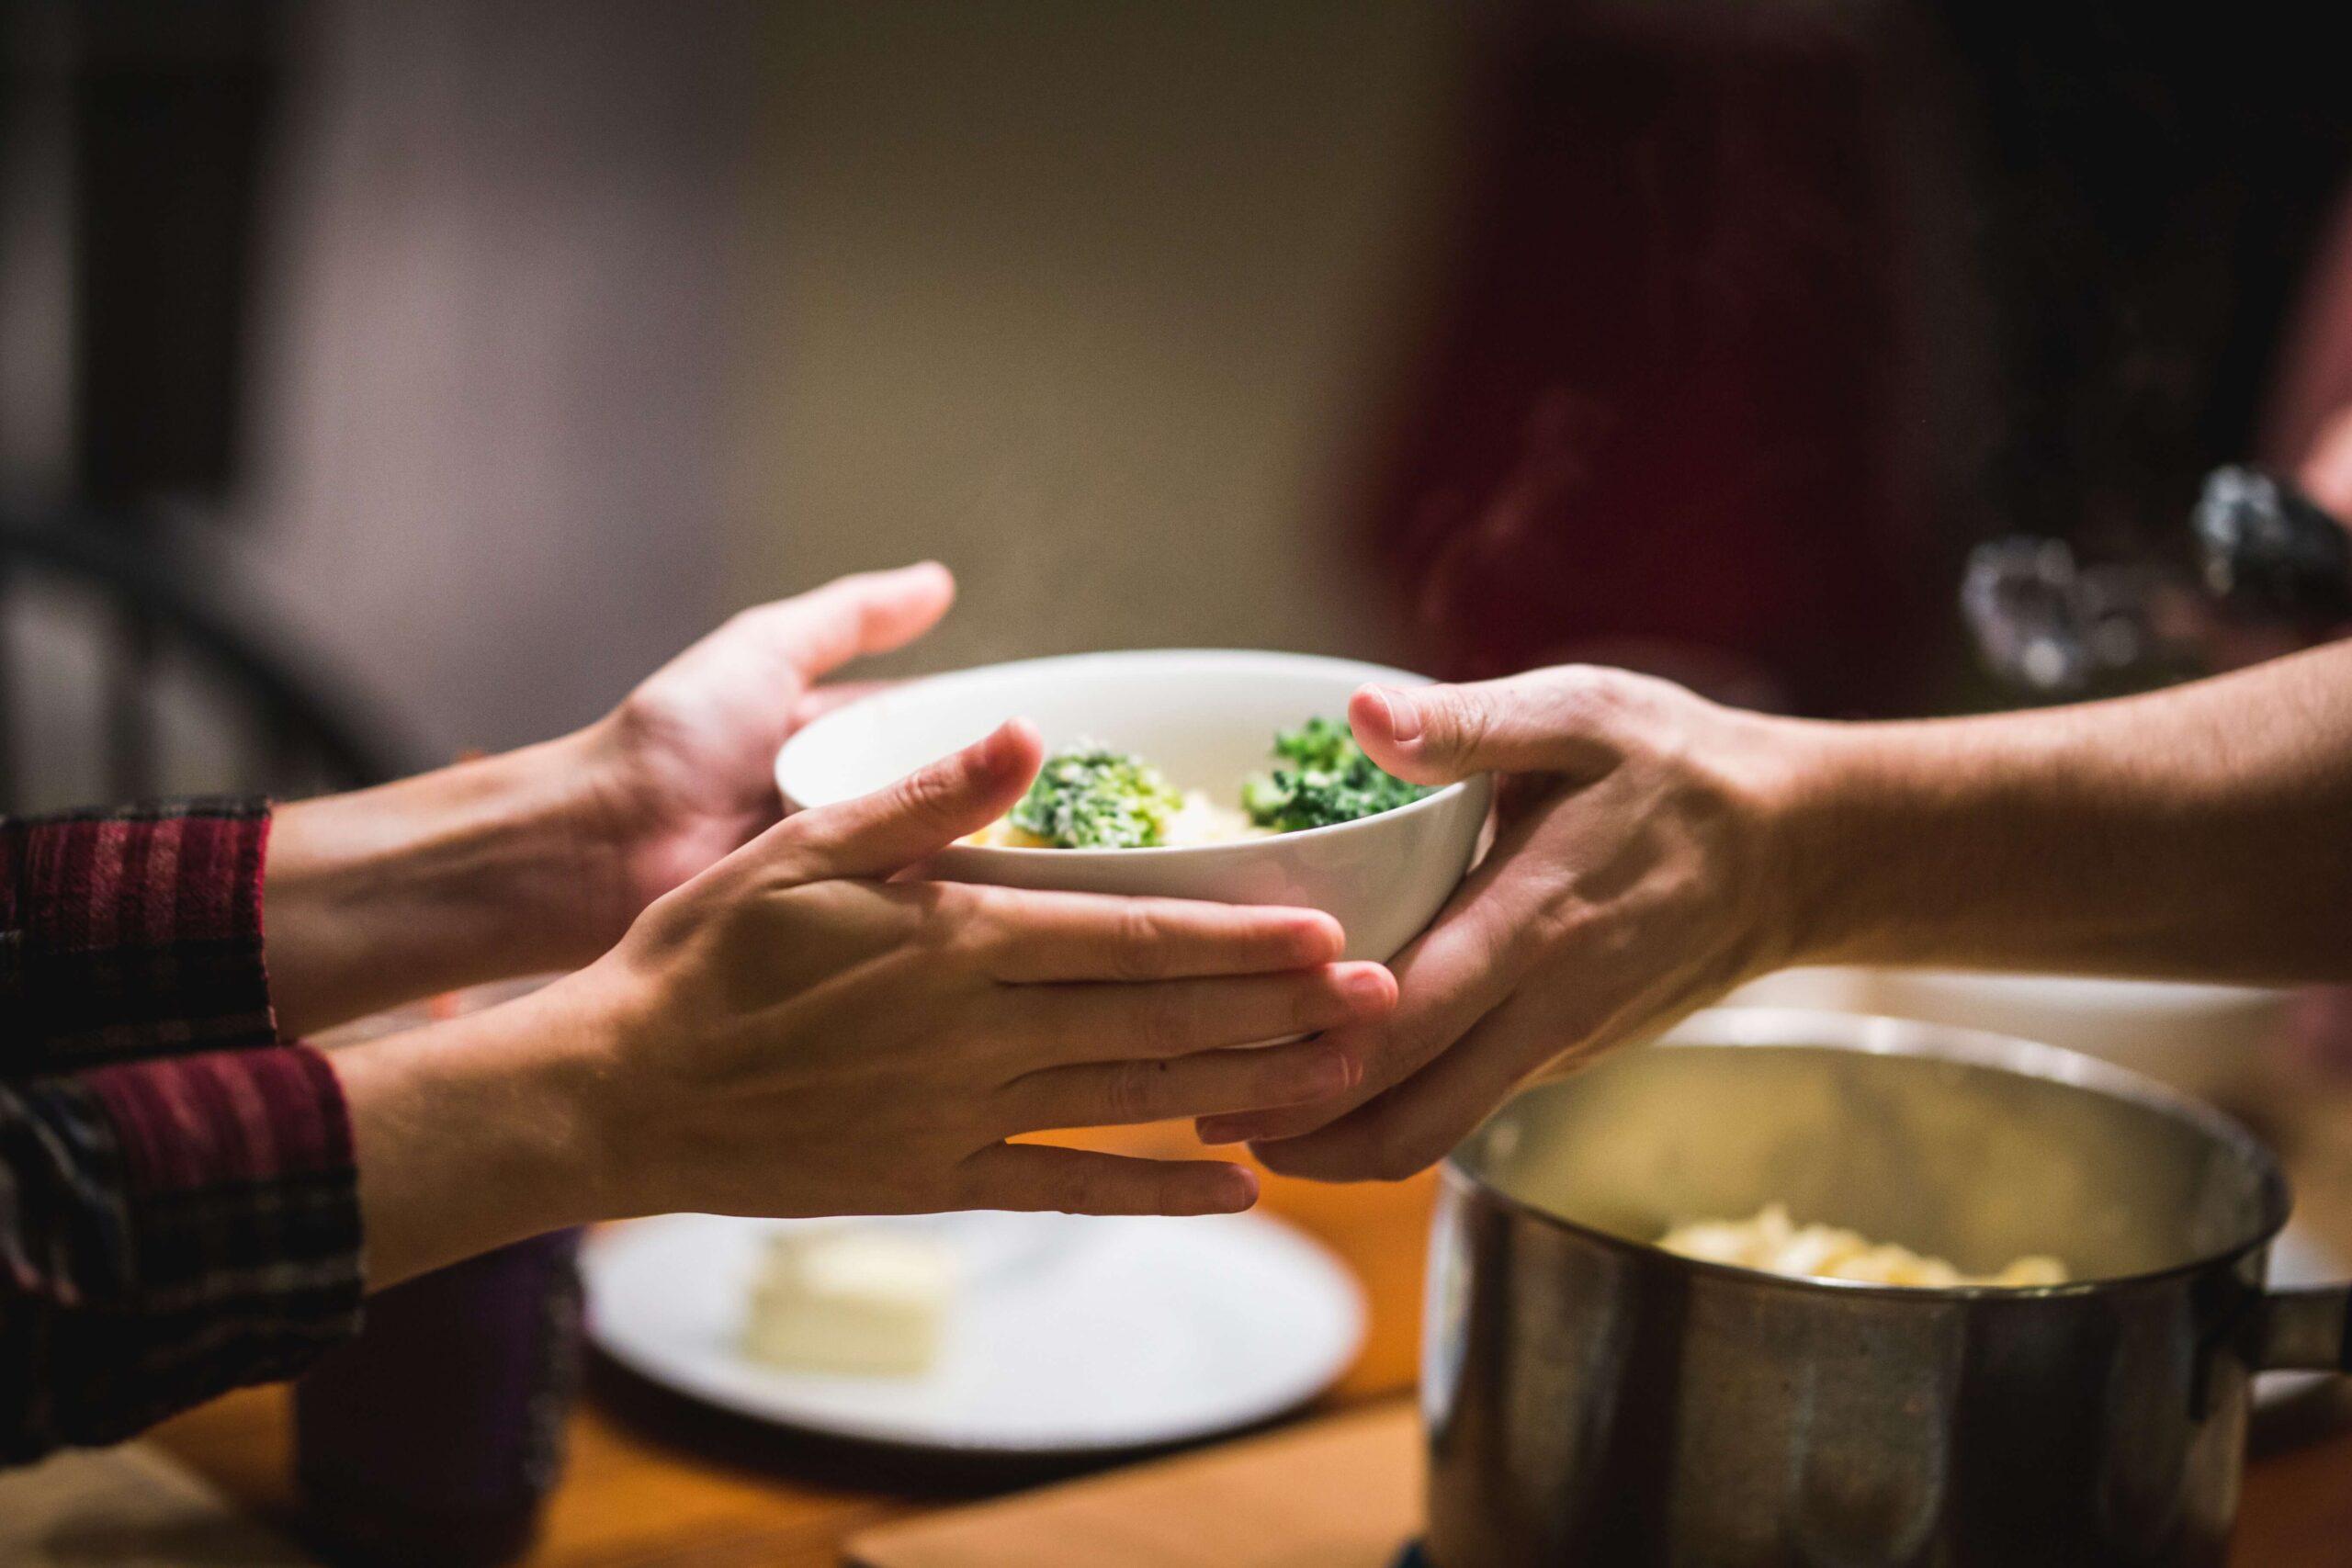 ライザップの宅食弁当|サポートミールの悪い口コミや評判